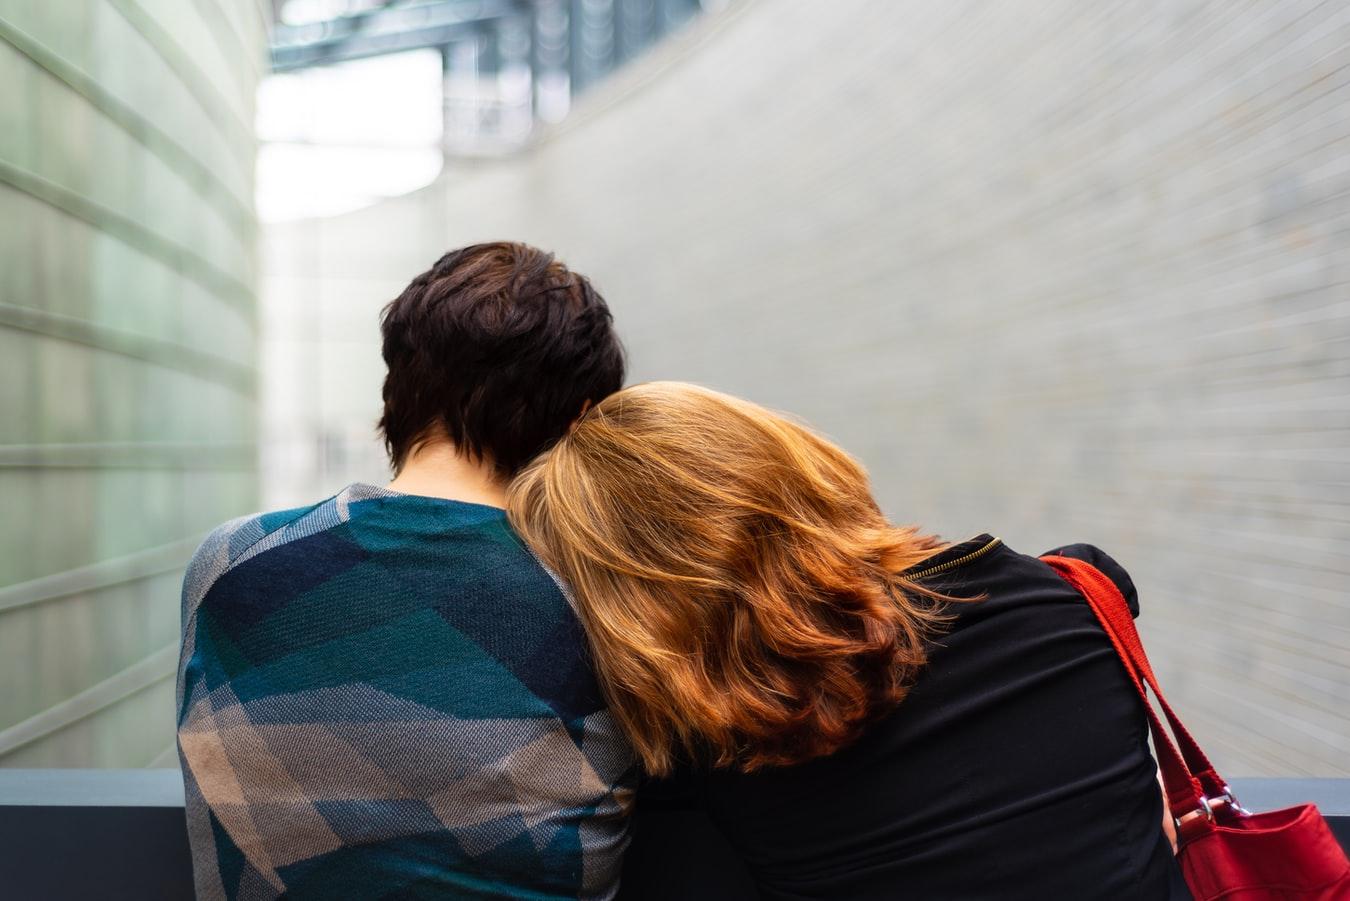 Εθισμός και συντροφικές σχέσεις